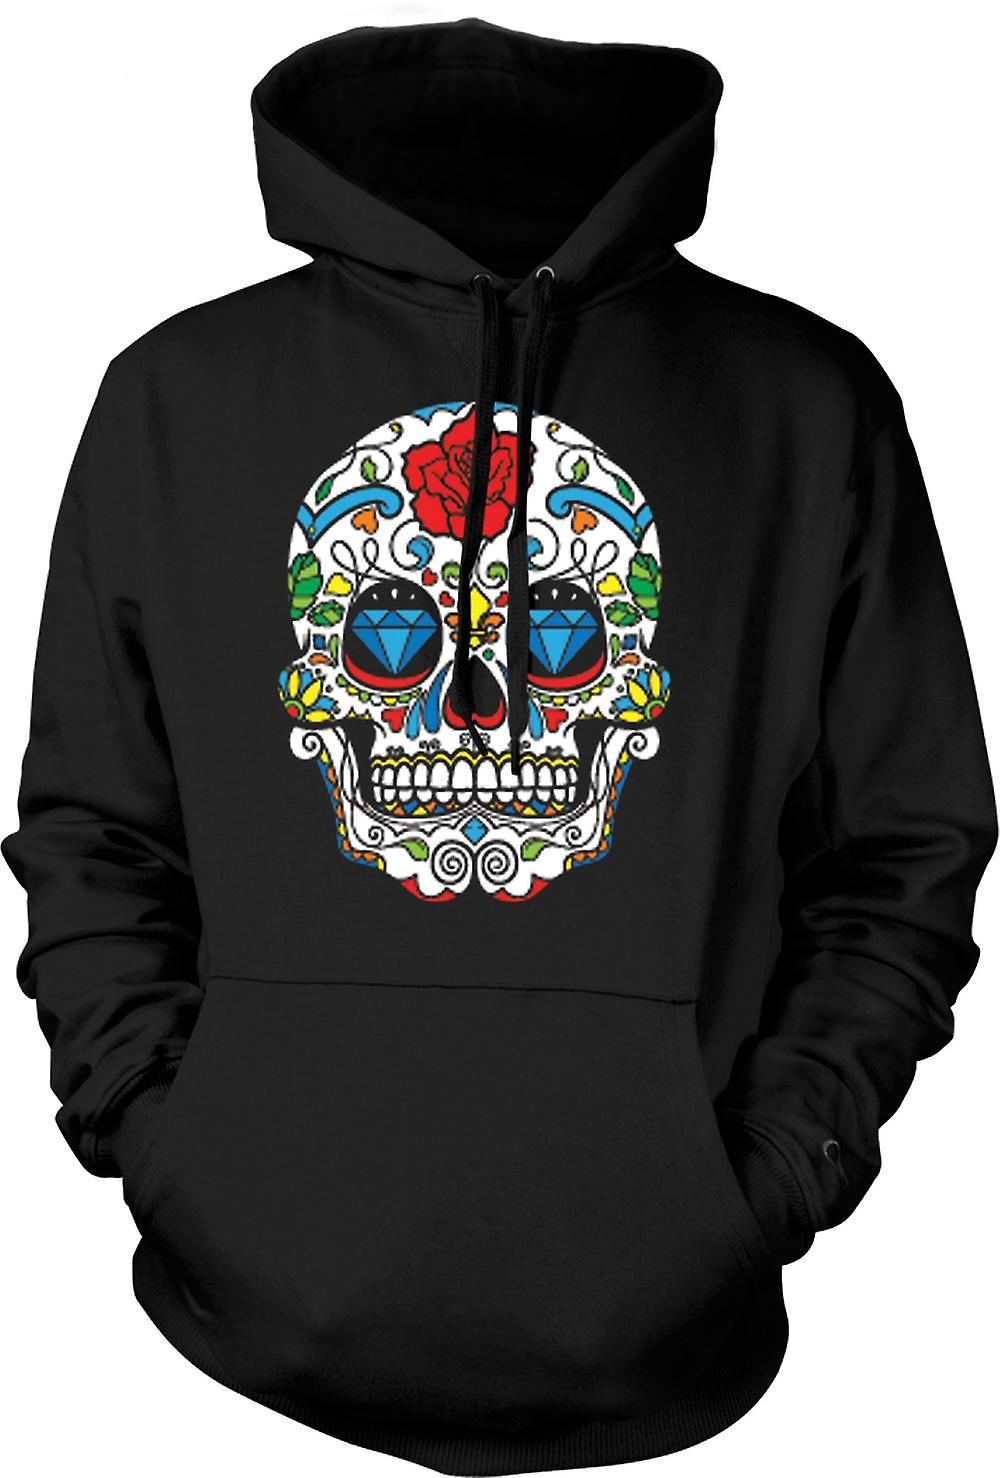 Mens Hoodie - cranio messicano dello zucchero - Dia De Los Muertos